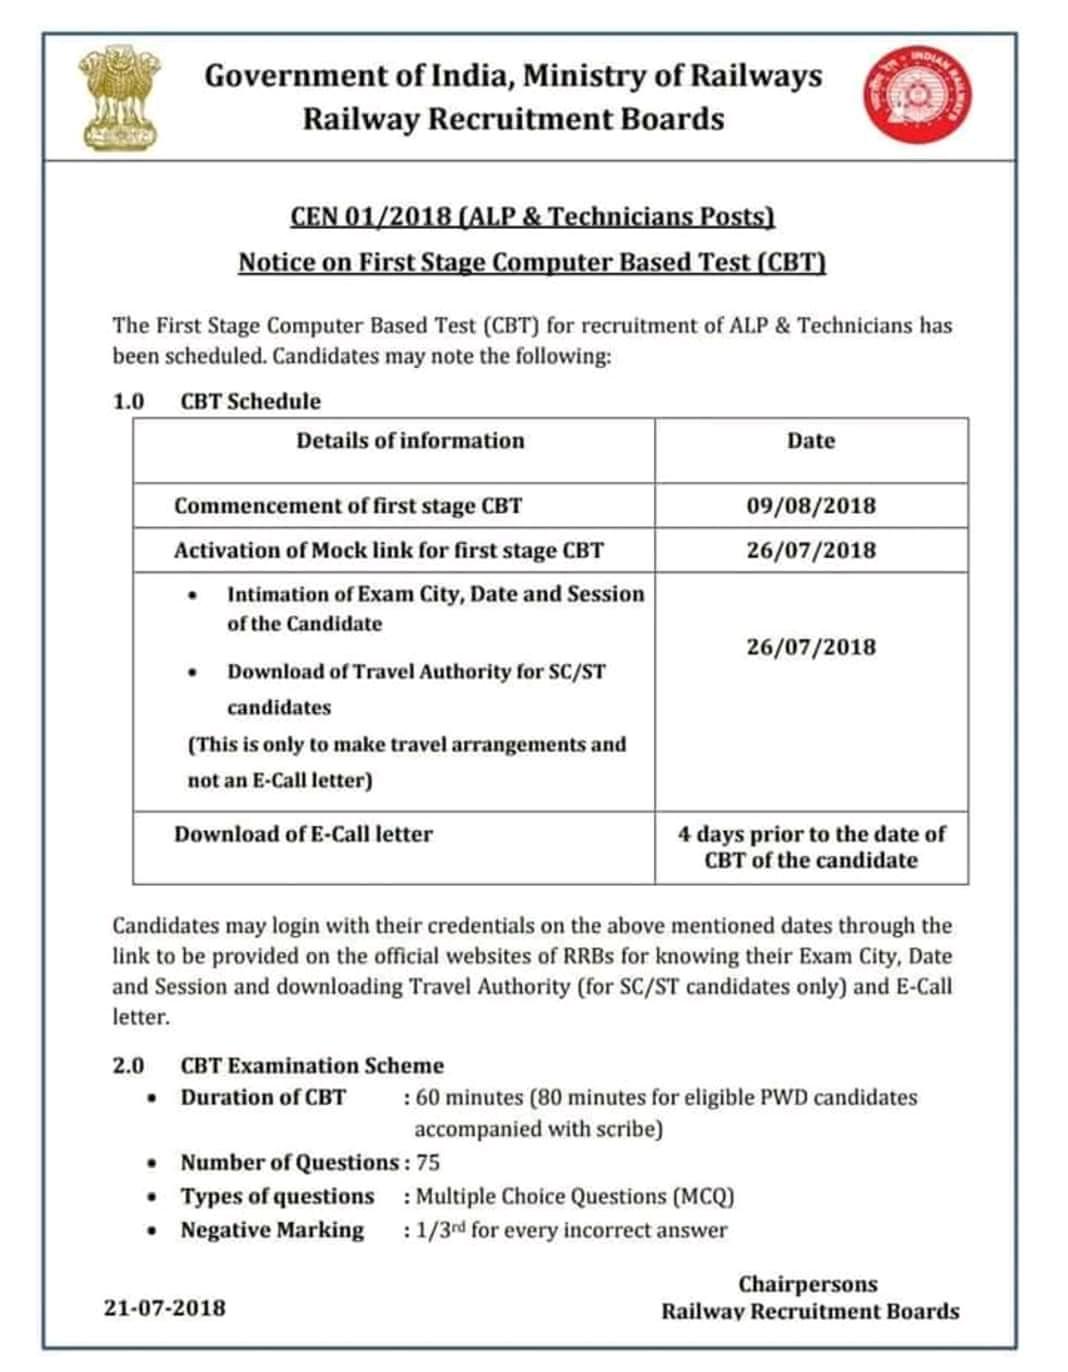 RRB ALP Technicians CBT Exam Date